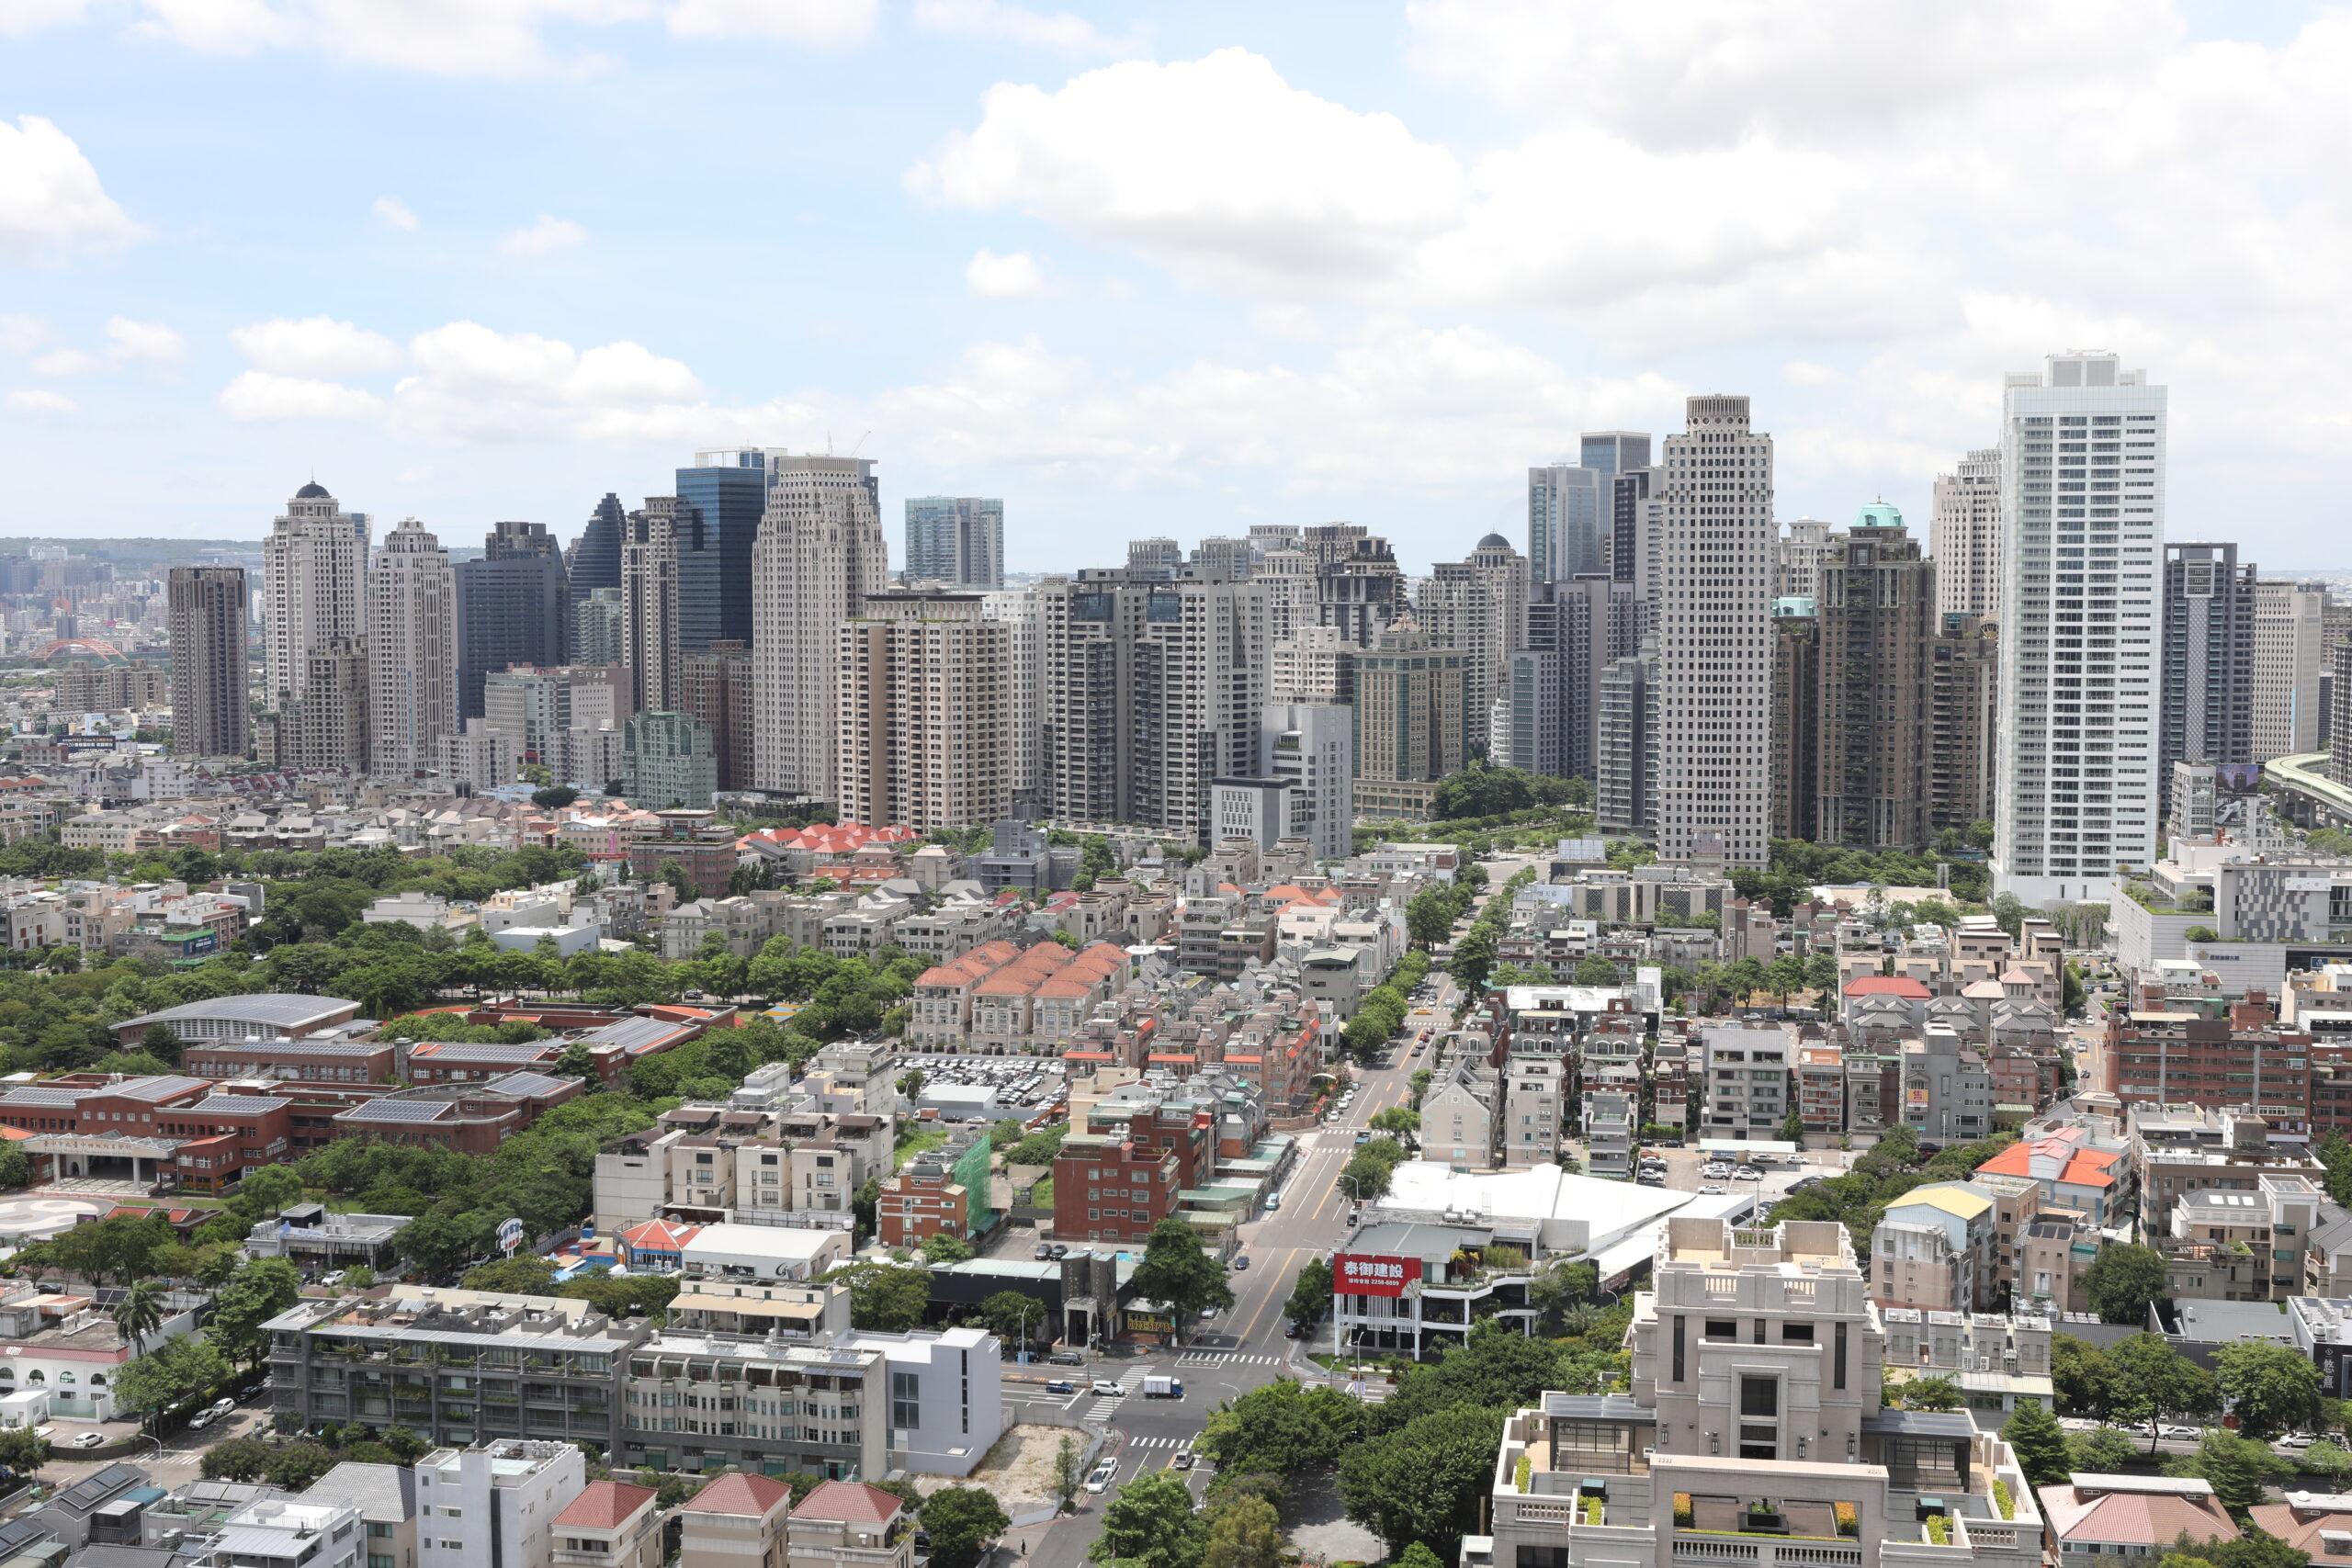 上半年全台土地交易總額達1248億元 建商獵地就佔75% - 台北郵報   The Taipei Post